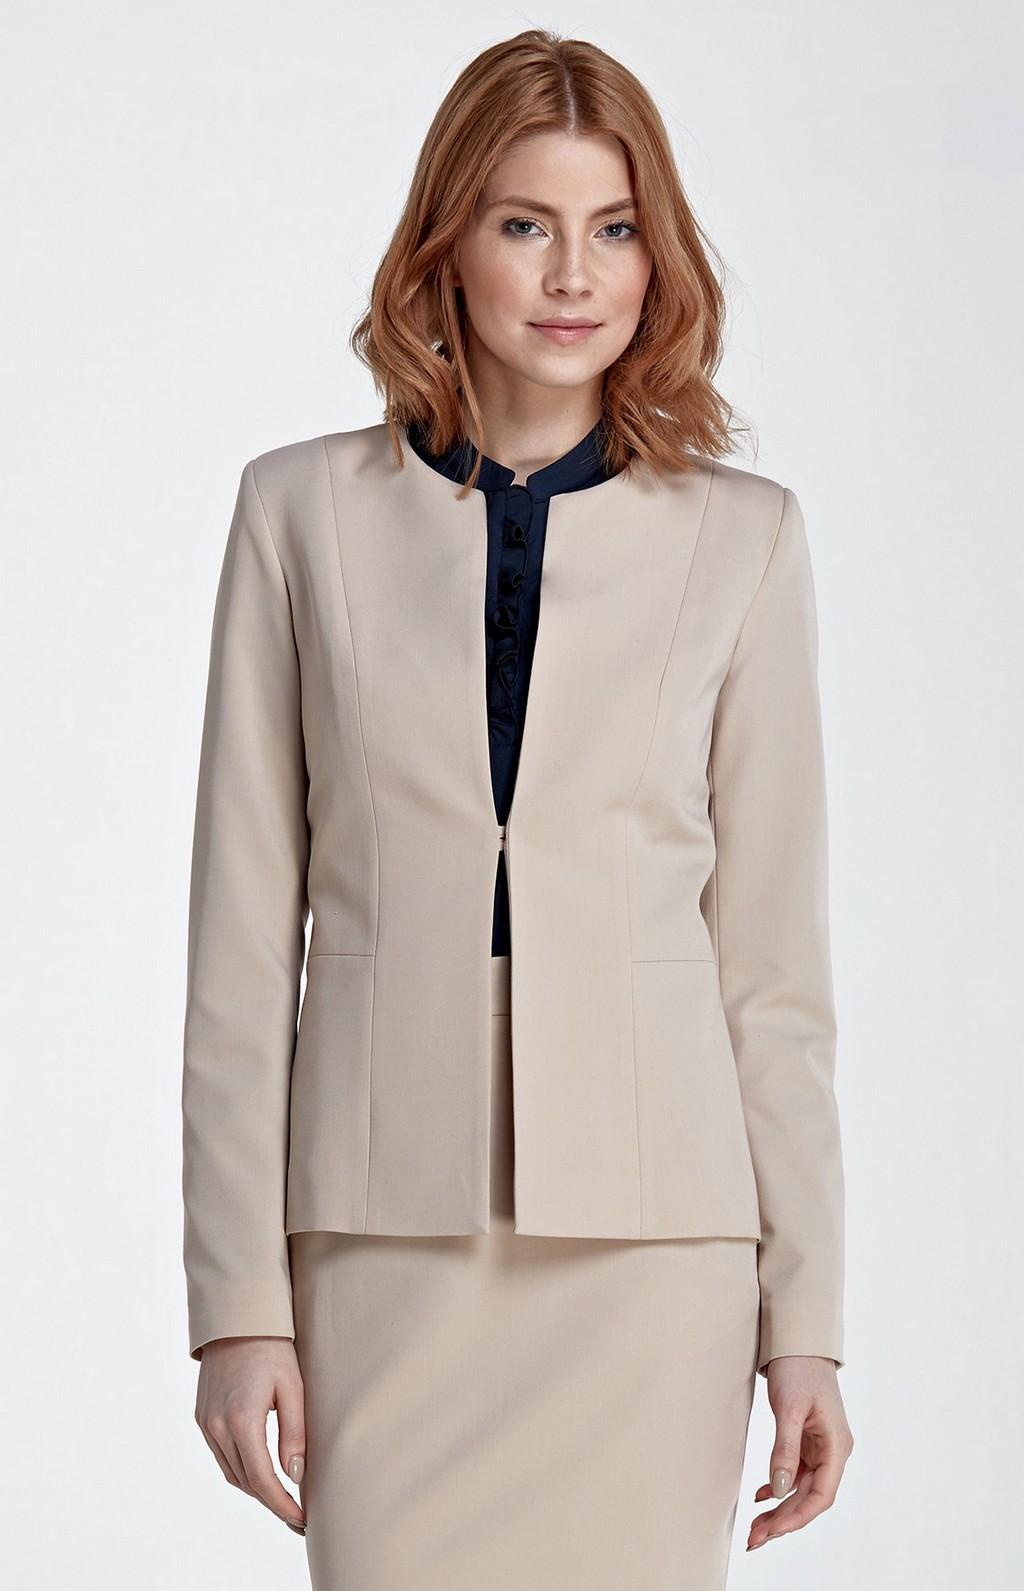 Dxerqocebw De Veste Jupe Tailleur Modèles Pour Femme nwOPk0